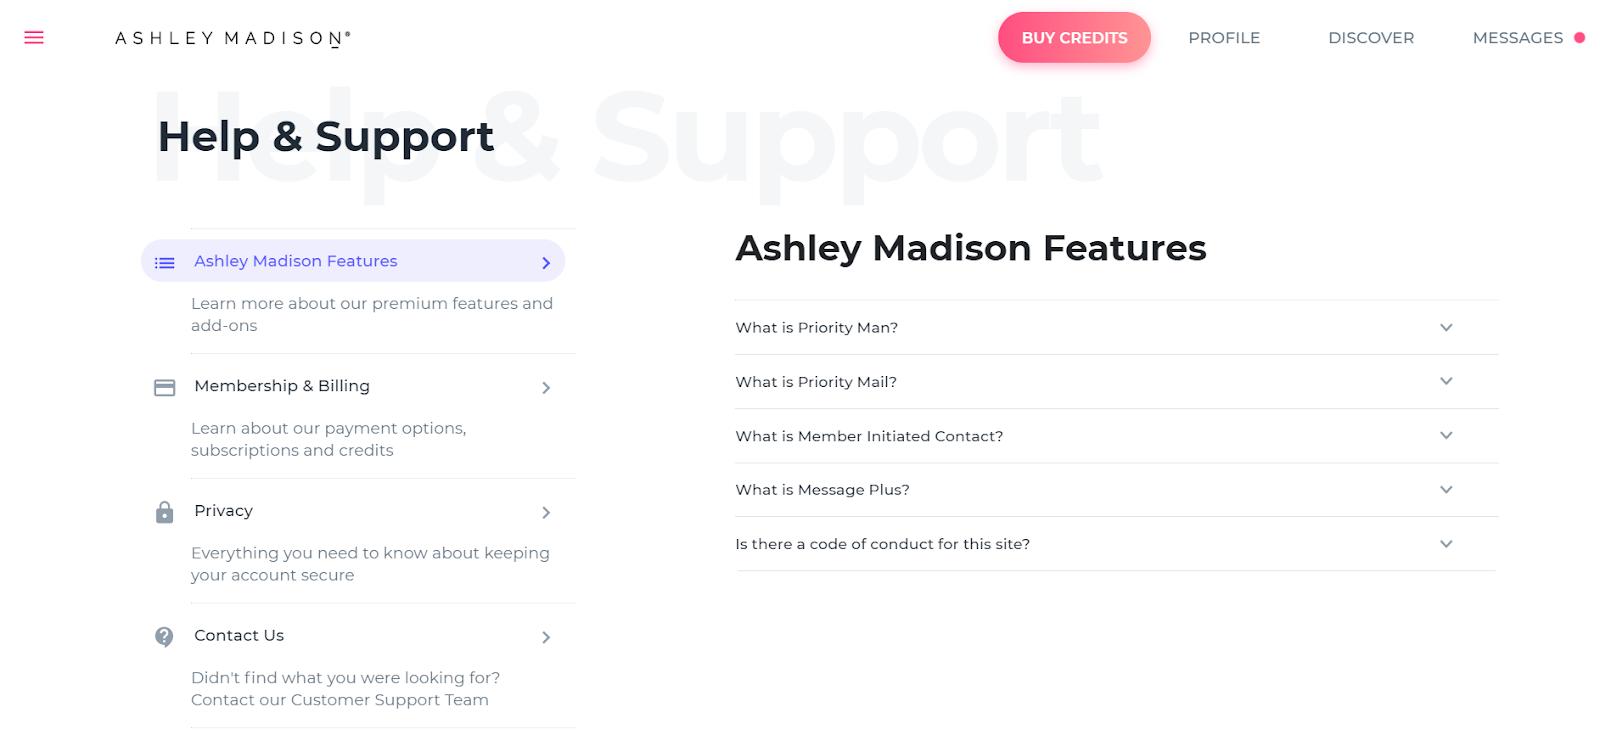 AshleyMadison support